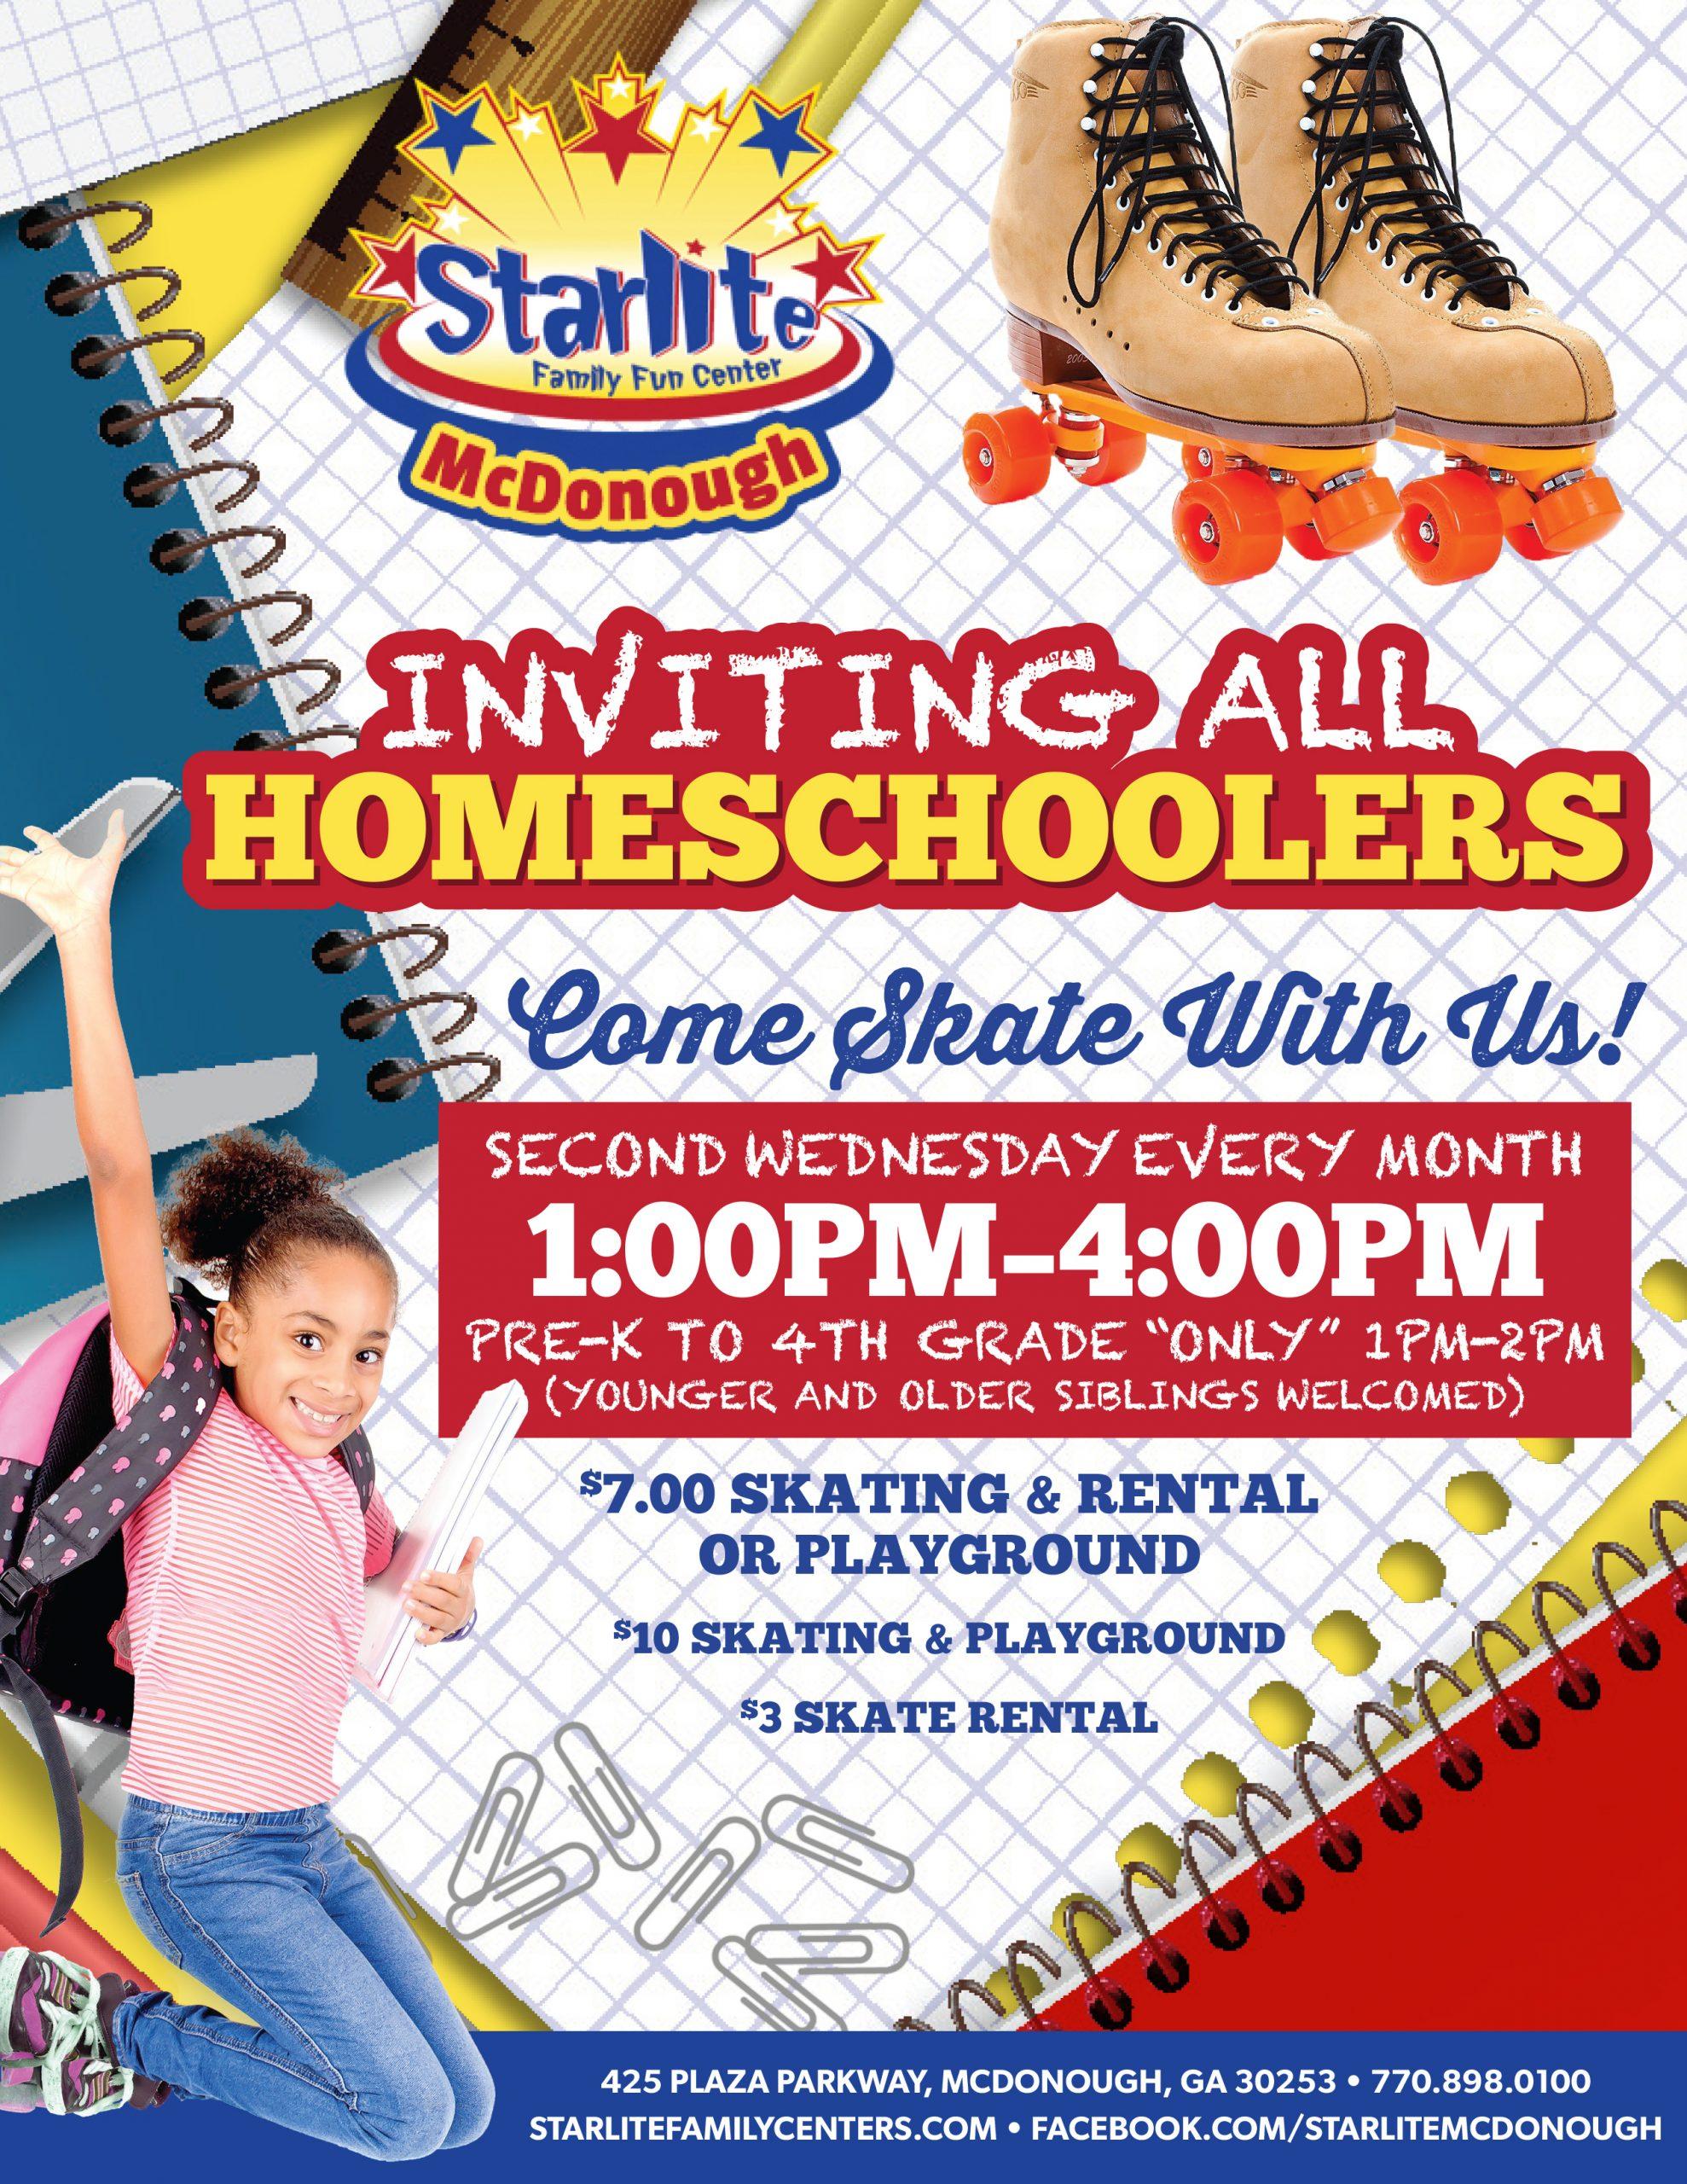 GA21-029 Homeschooler Skate Flyer-McDonough2